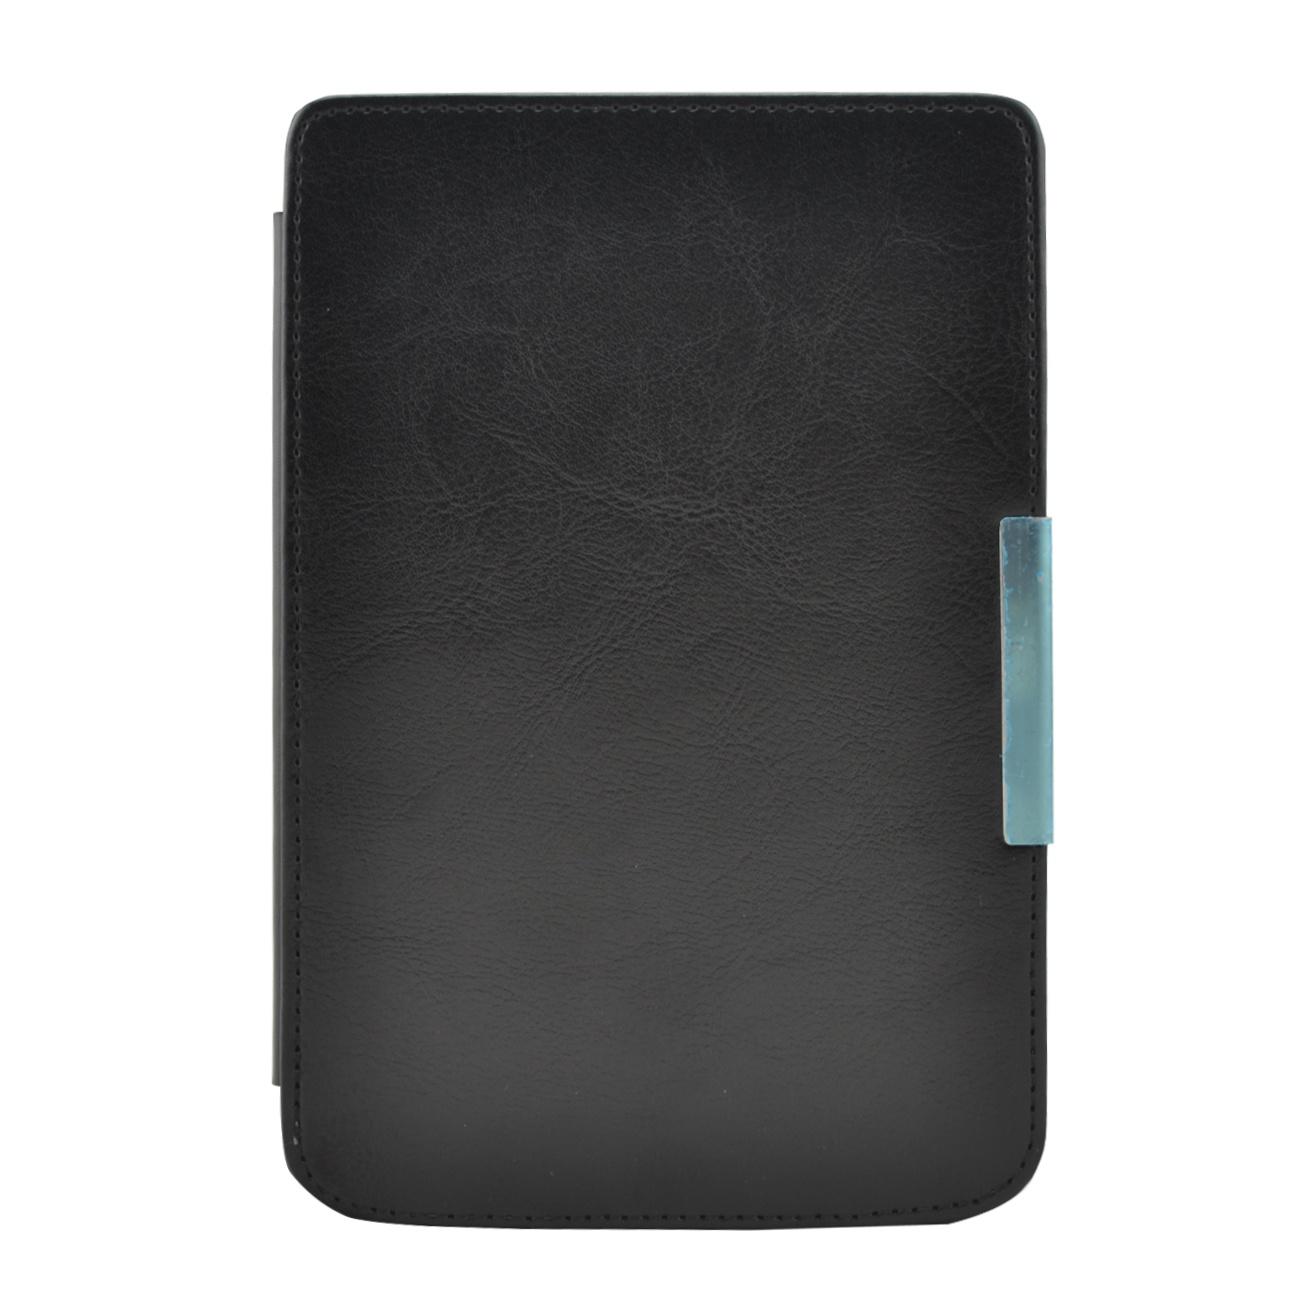 Чехол для электронной книги GoodChoice Pocketbook 614,615,624,625,626,641, черный